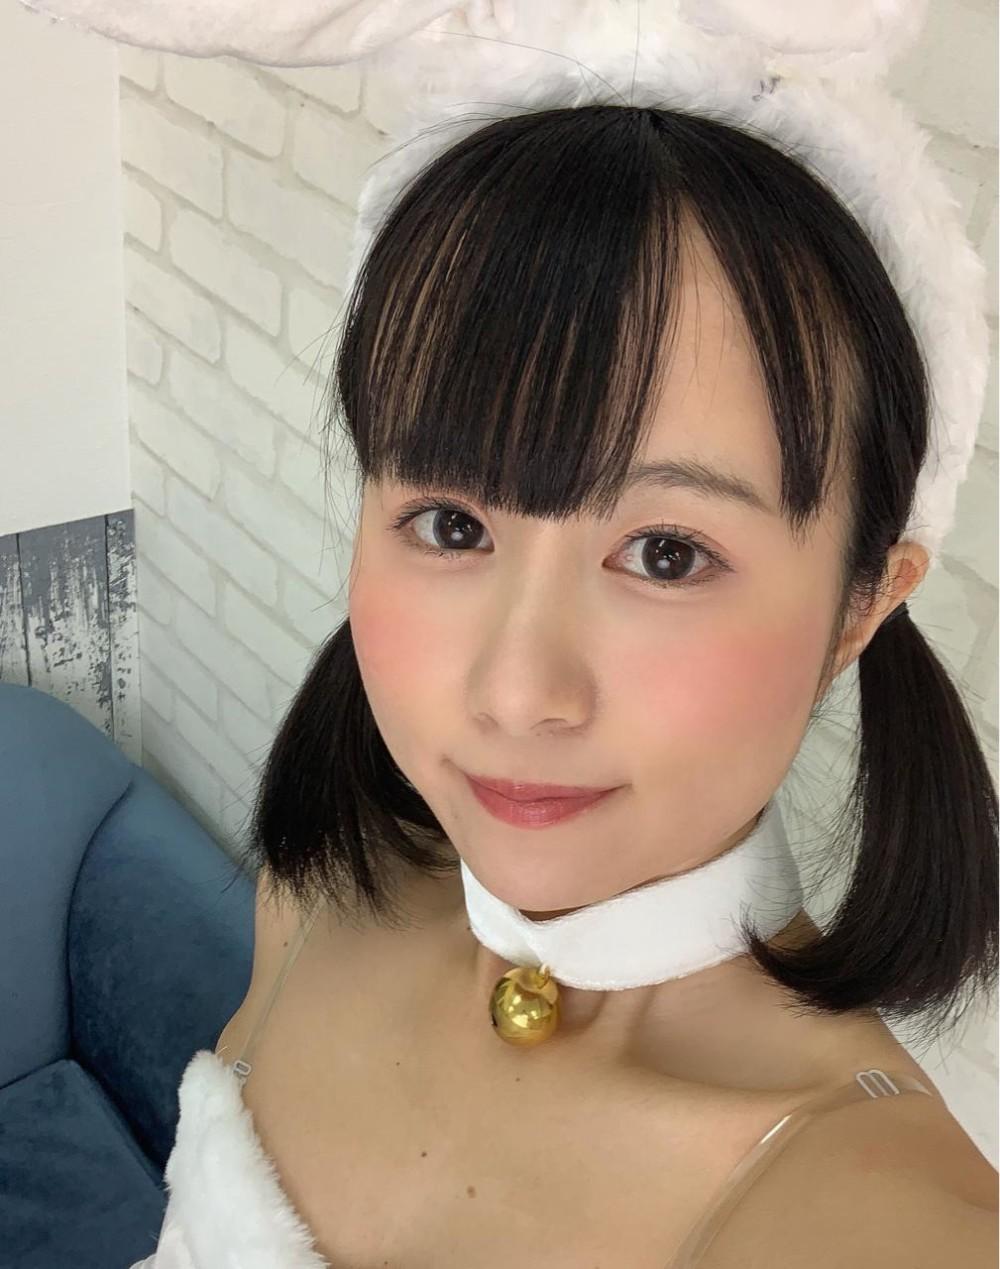 ୨୧ 入江加奈子 ୨୧(入江加奈子 )